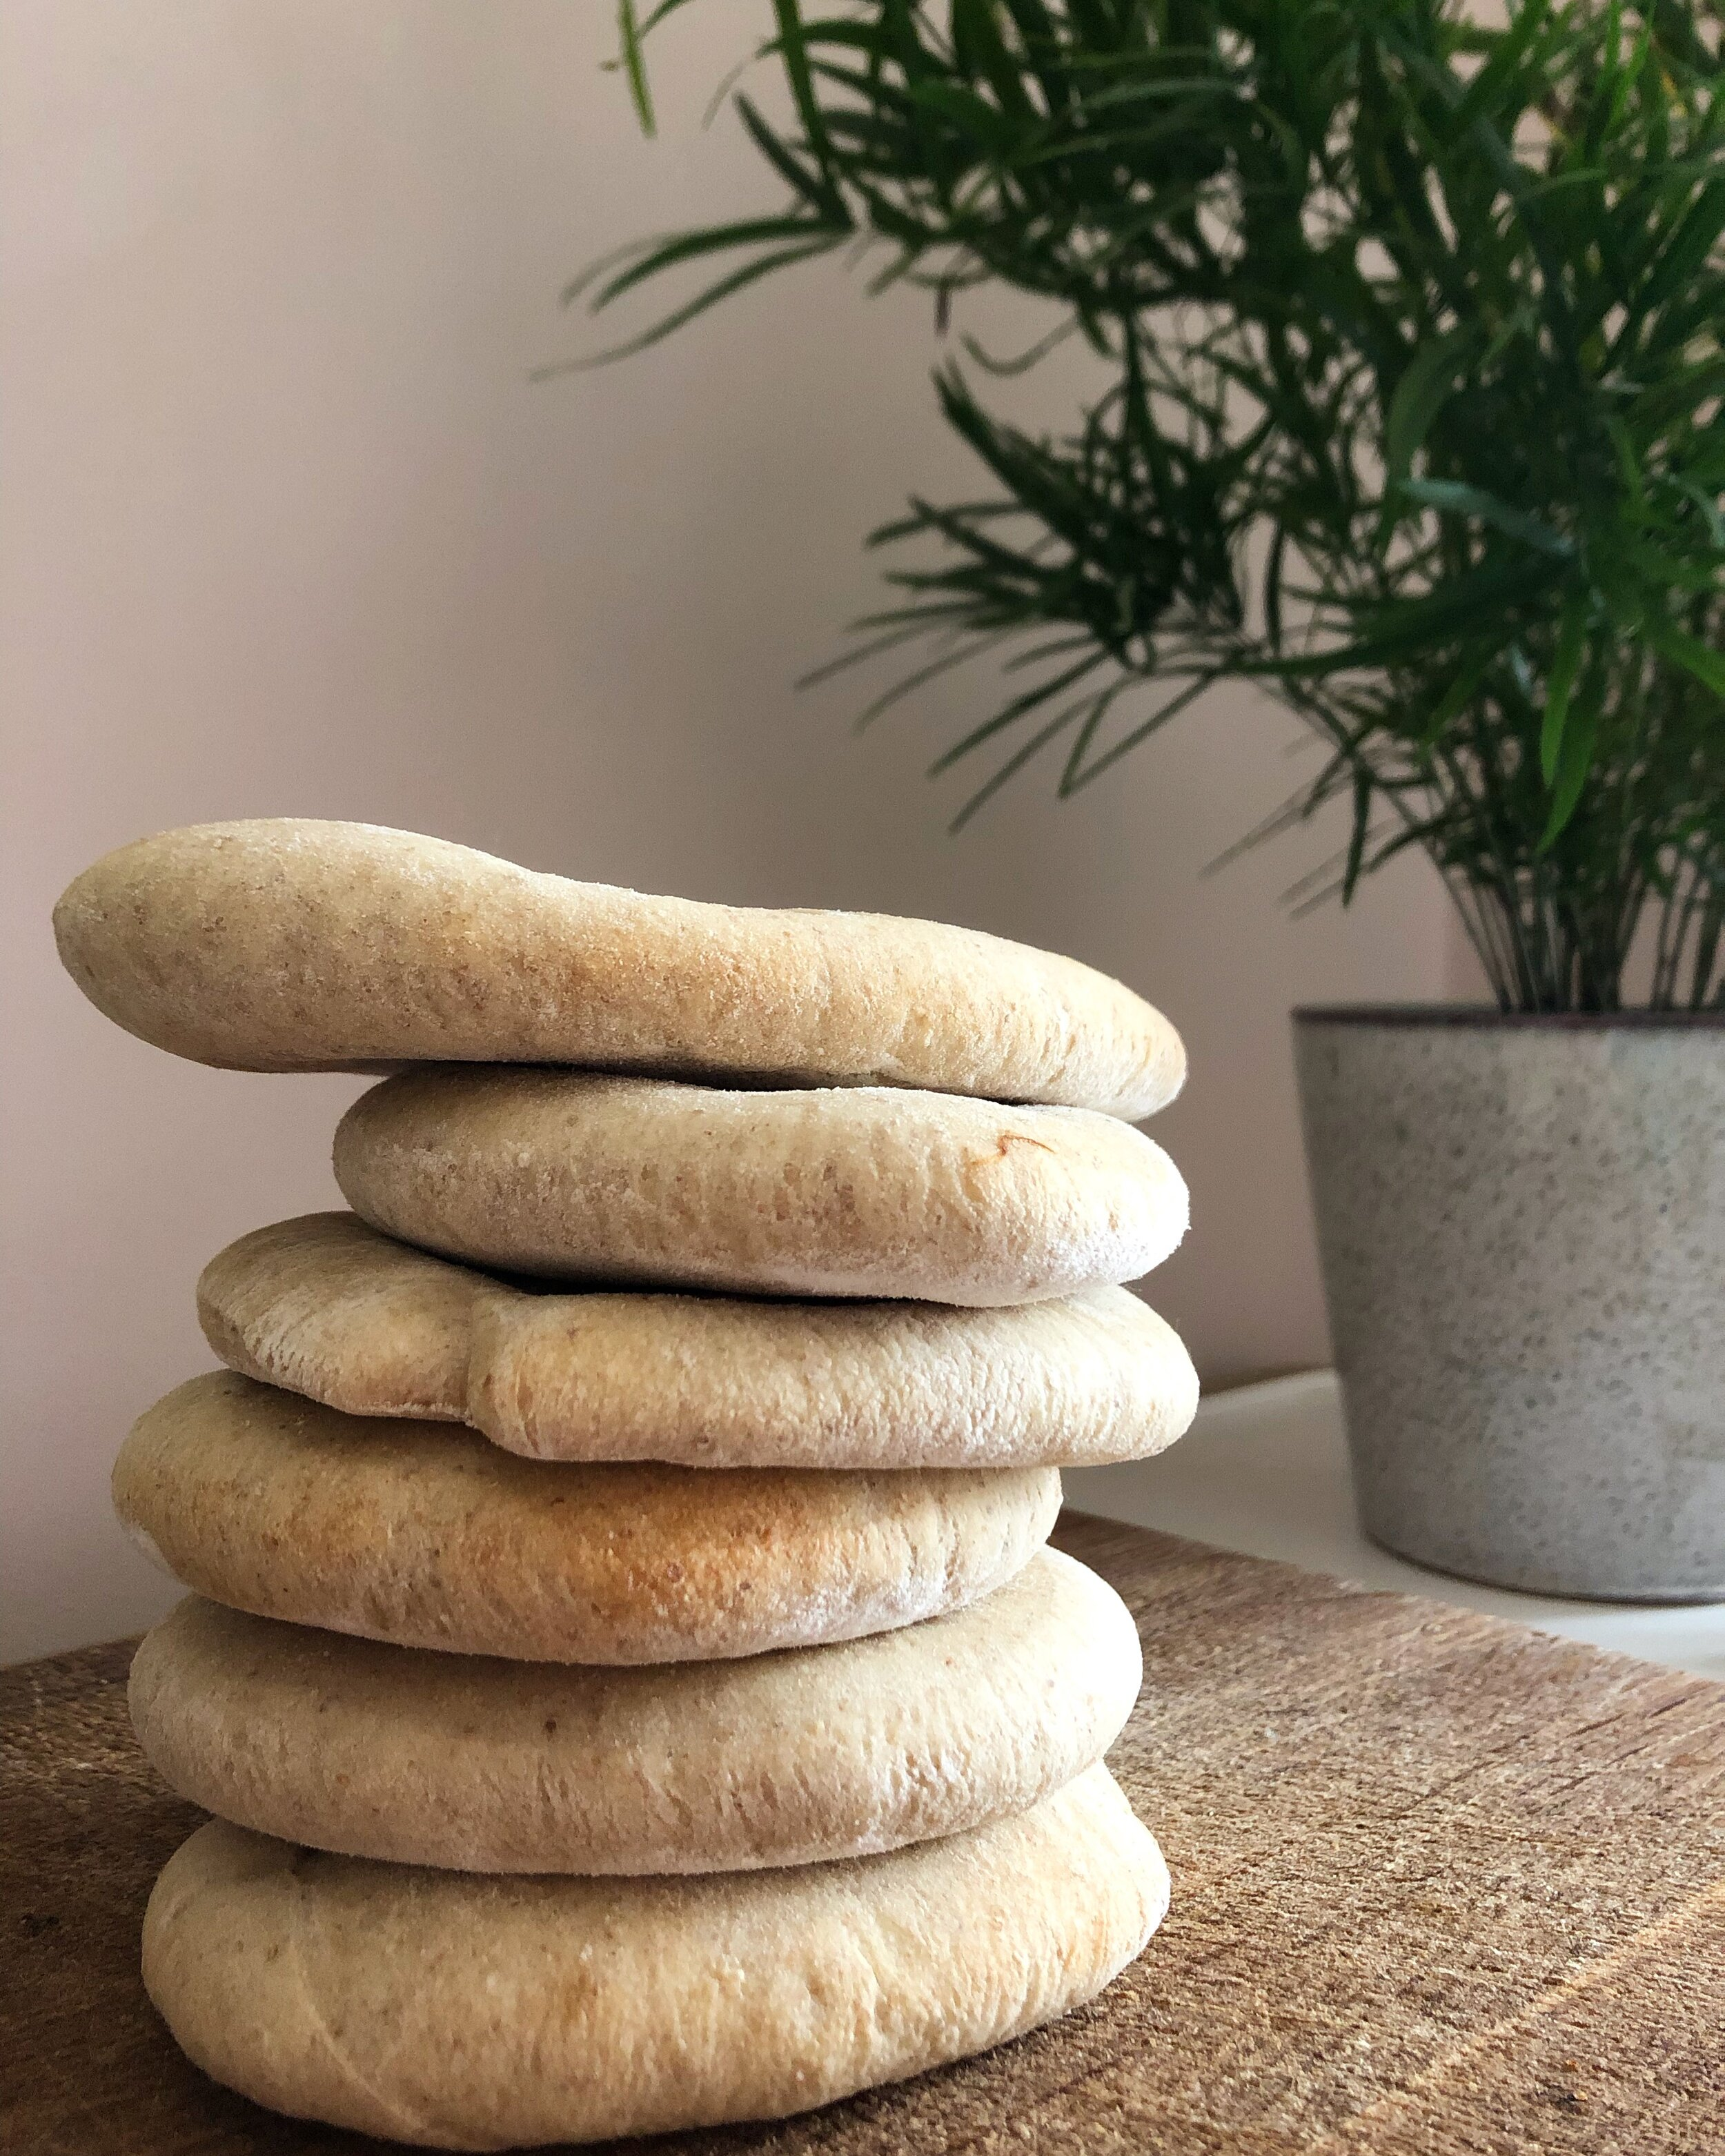 Homemade Pitta Bread